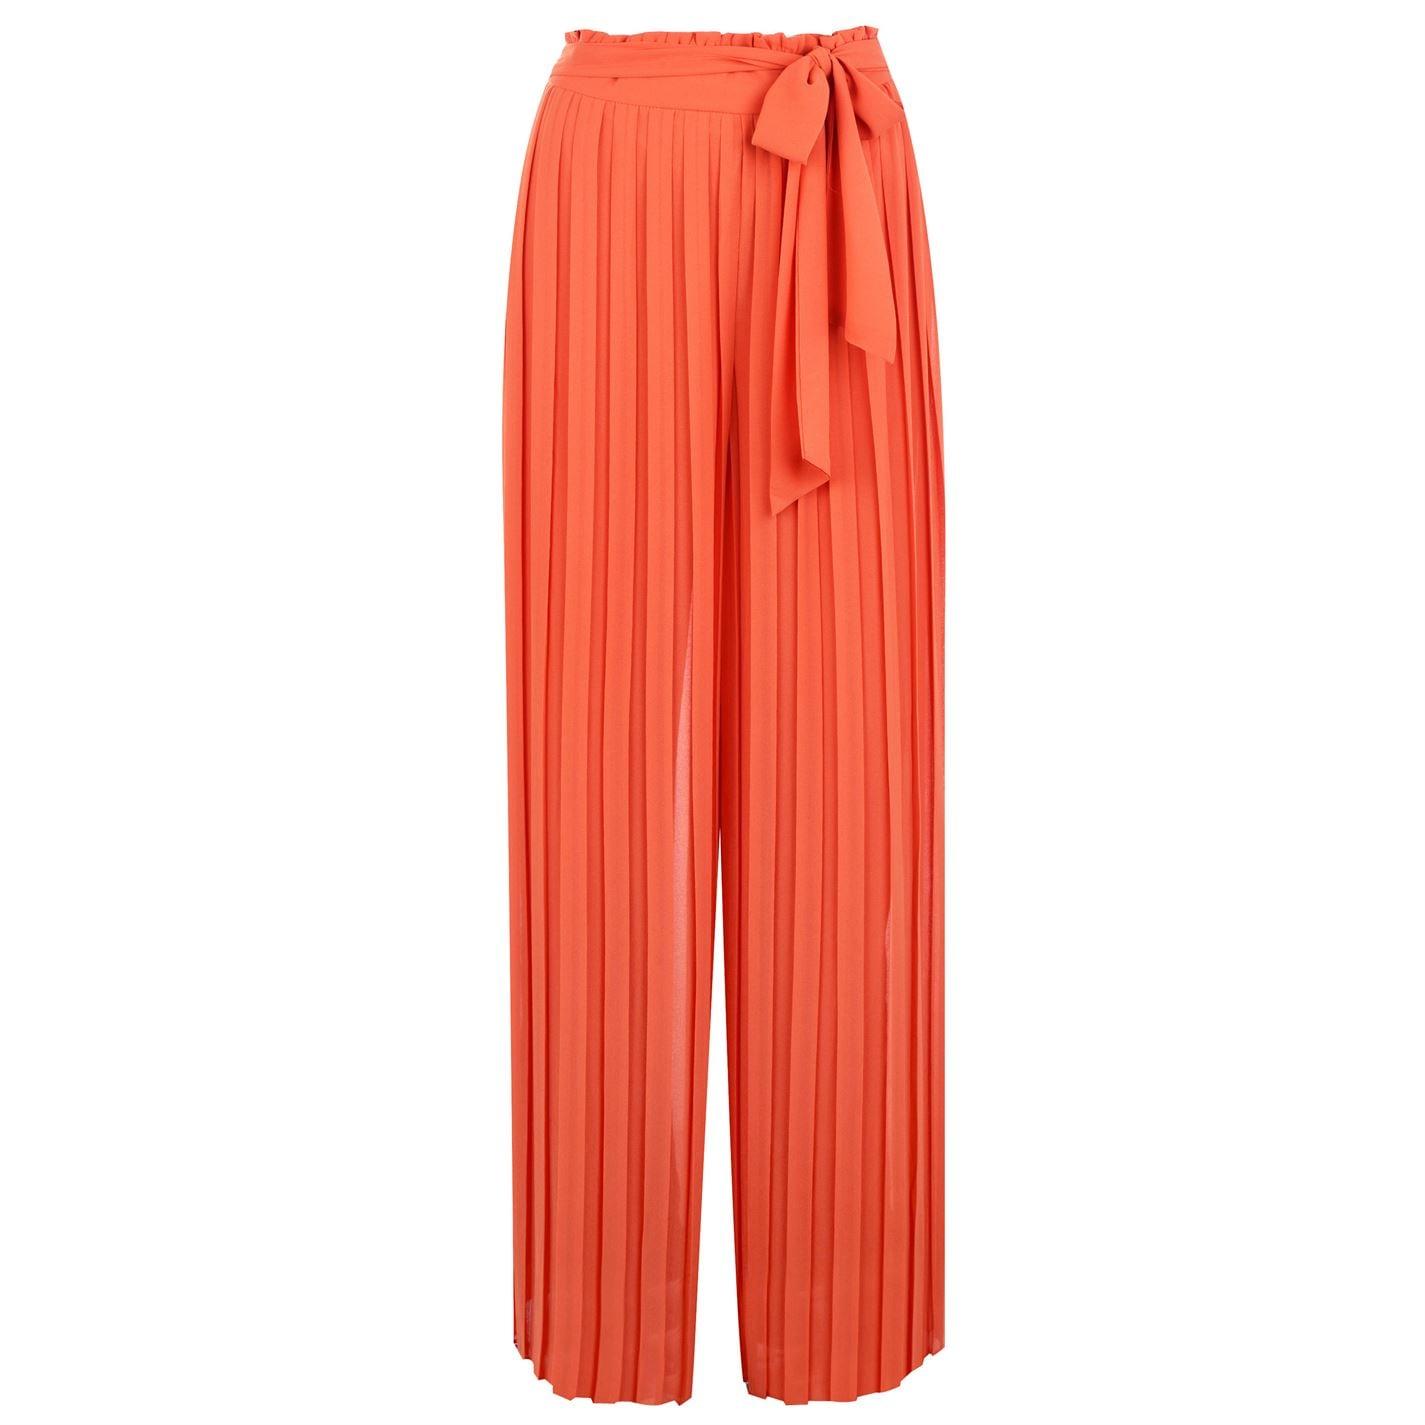 Pantaloni Tfnc Luana Pleated portocaliu alb